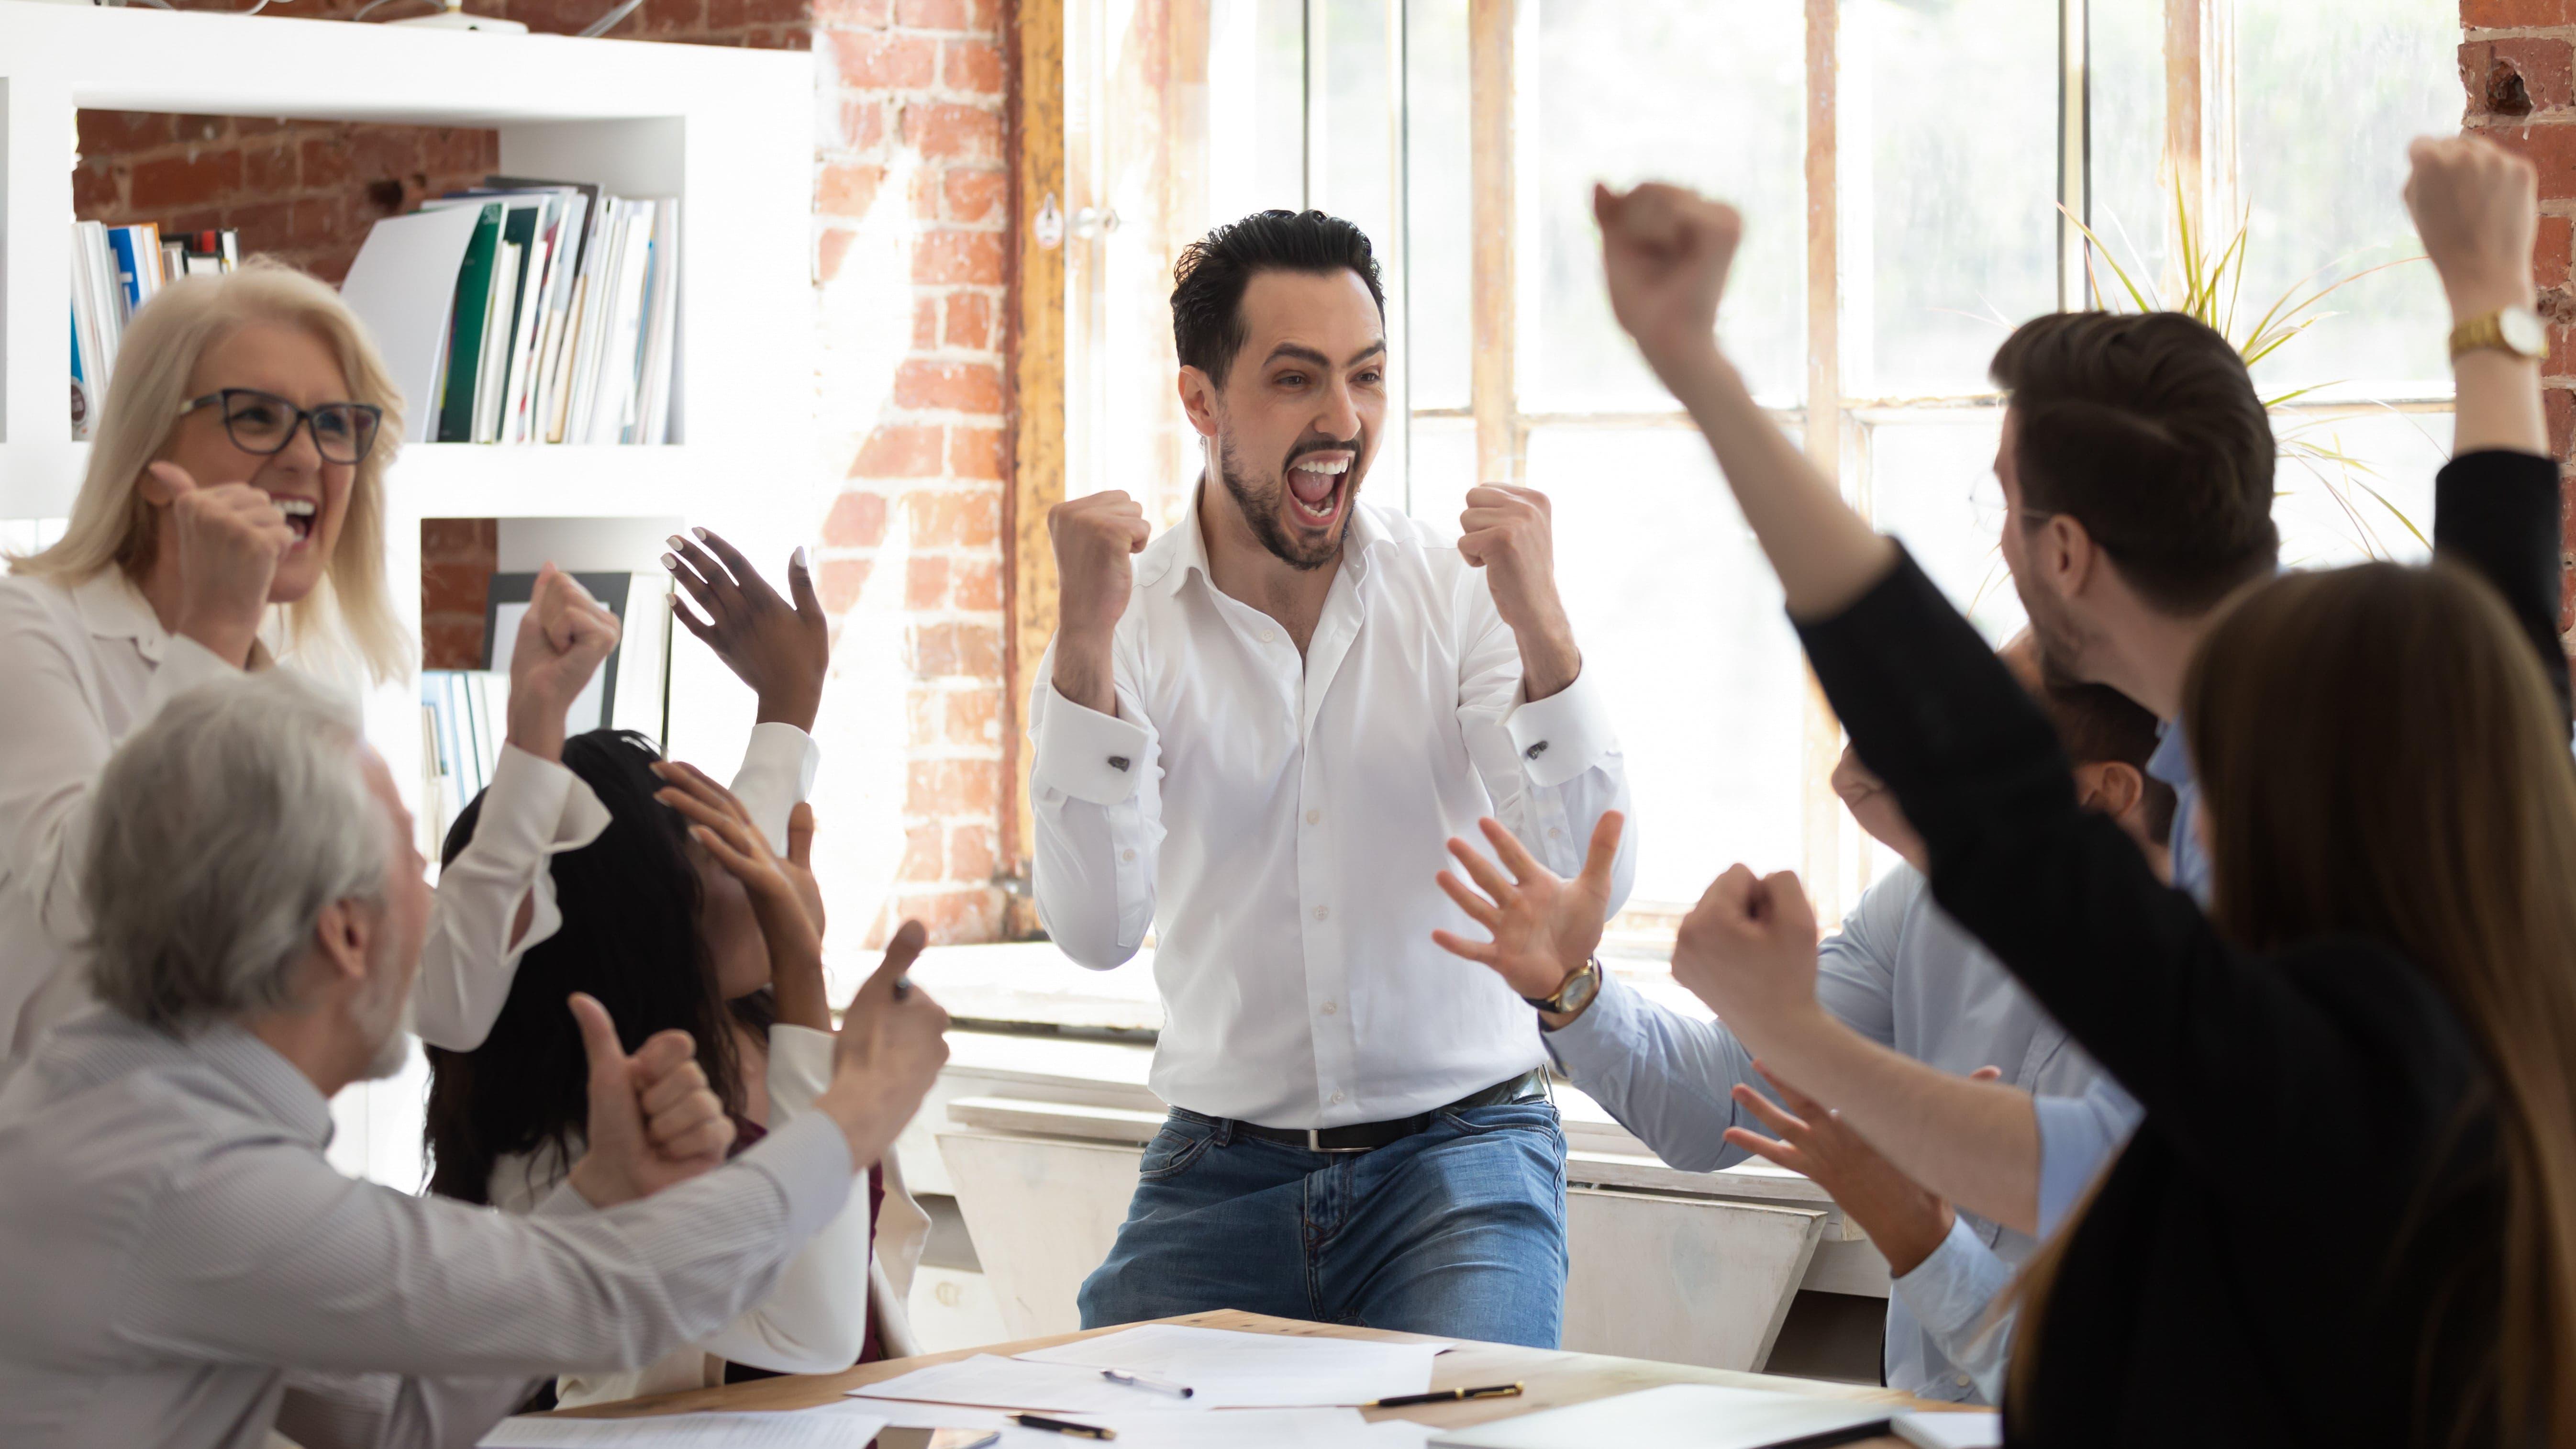 Como motivar os funcionários além do reconhecimento financeiro?